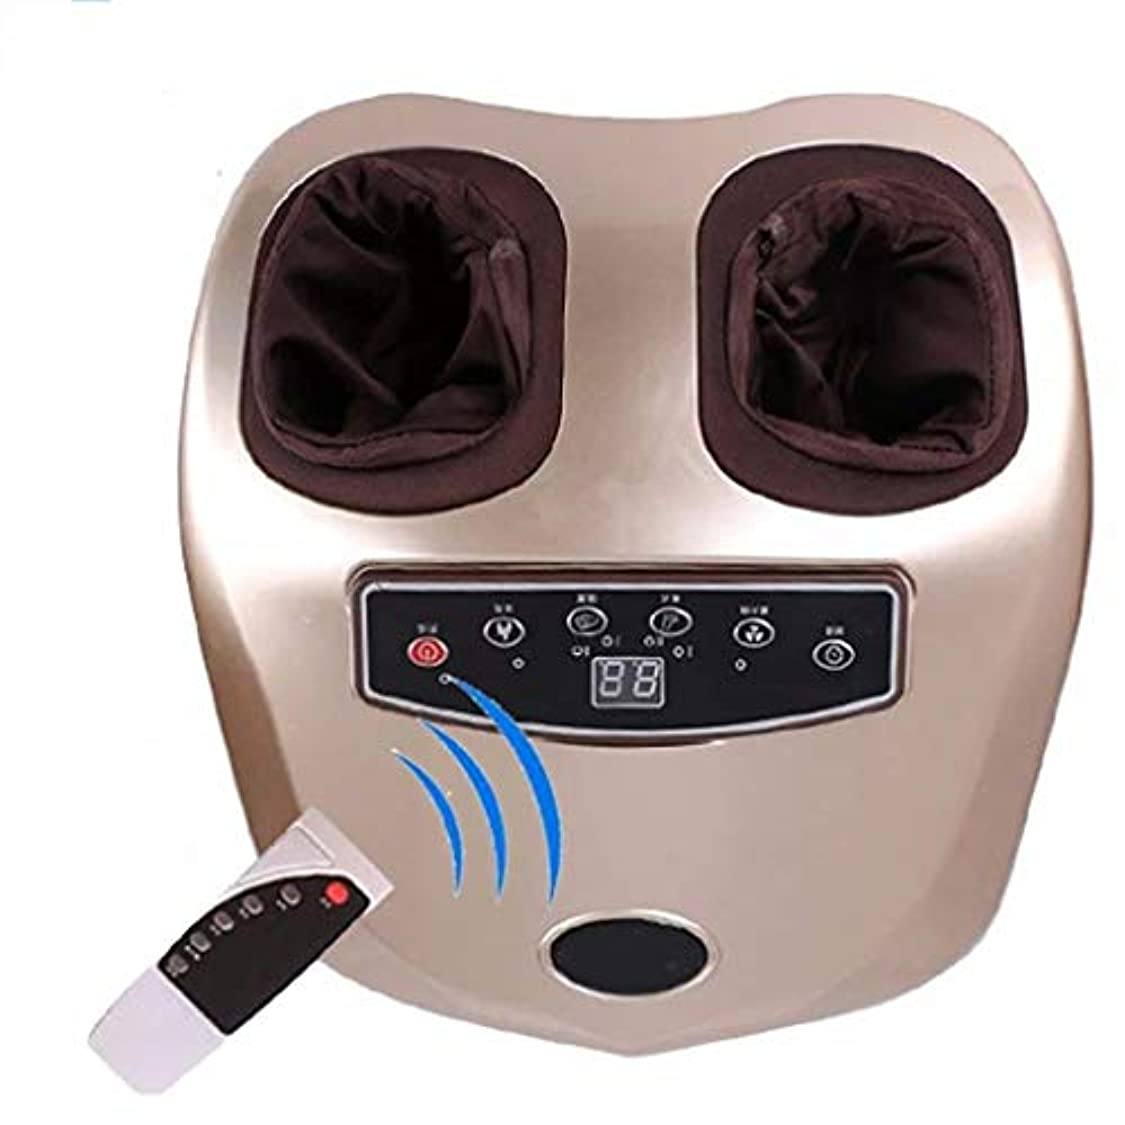 メディック掃くフクロウフットマッサージャー、電気フットマッサージャー、360°赤外線自動暖房/マッサージ、ホームのマッサージを混練、リモコン操作